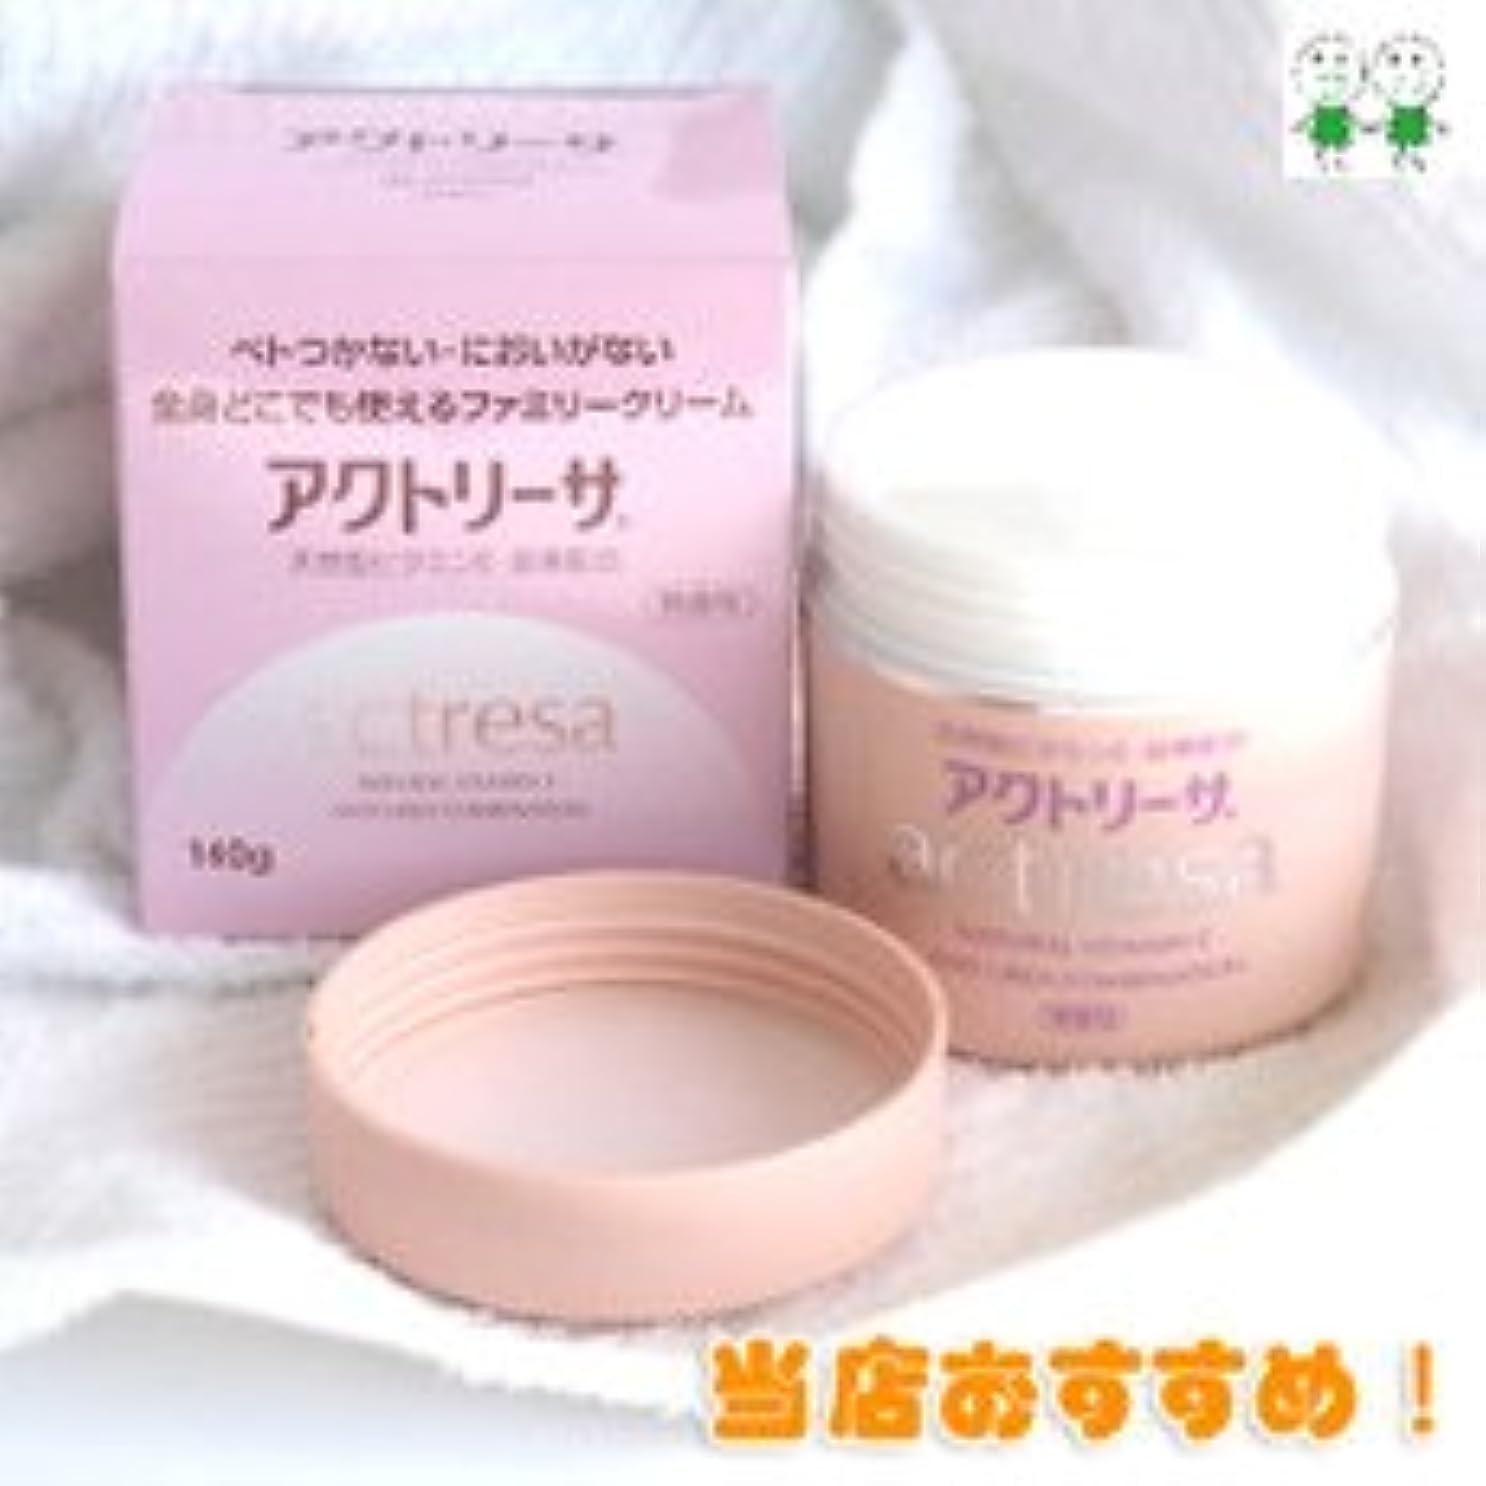 レパートリーヤングローブ東和製薬 医薬部外品アクトリーサ ハンドクリーム (140g)